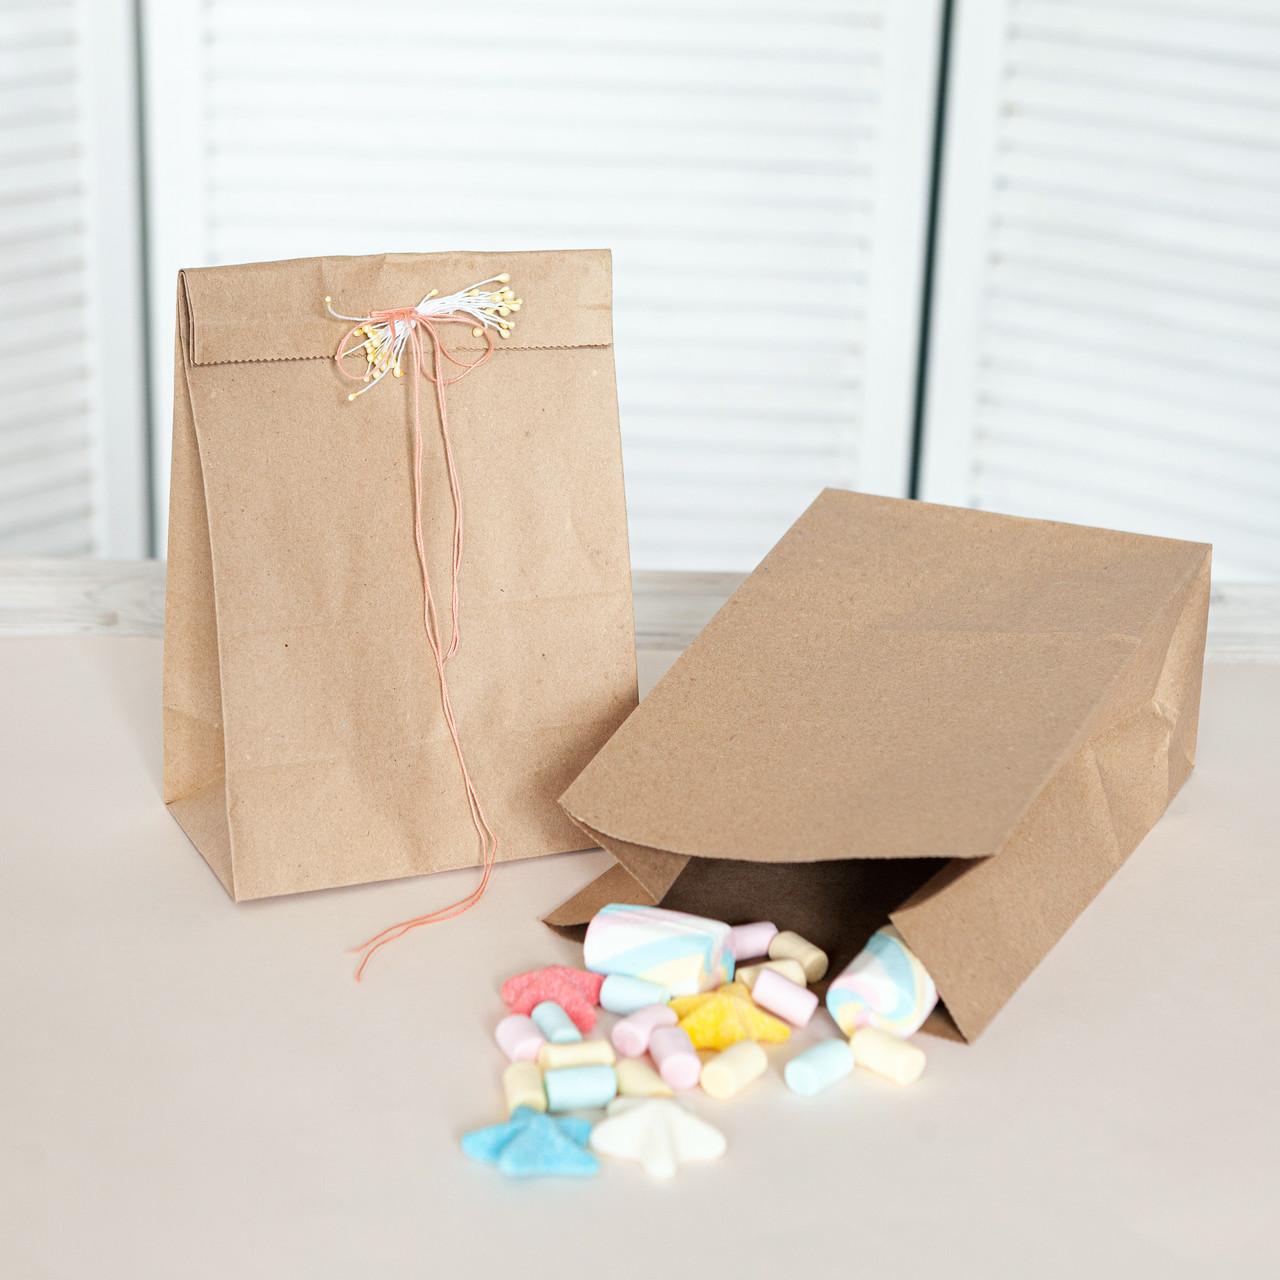 Бумажный пакет с плоским дном 150*90*240 мм крафт бурый упаковочный пакет без ручек